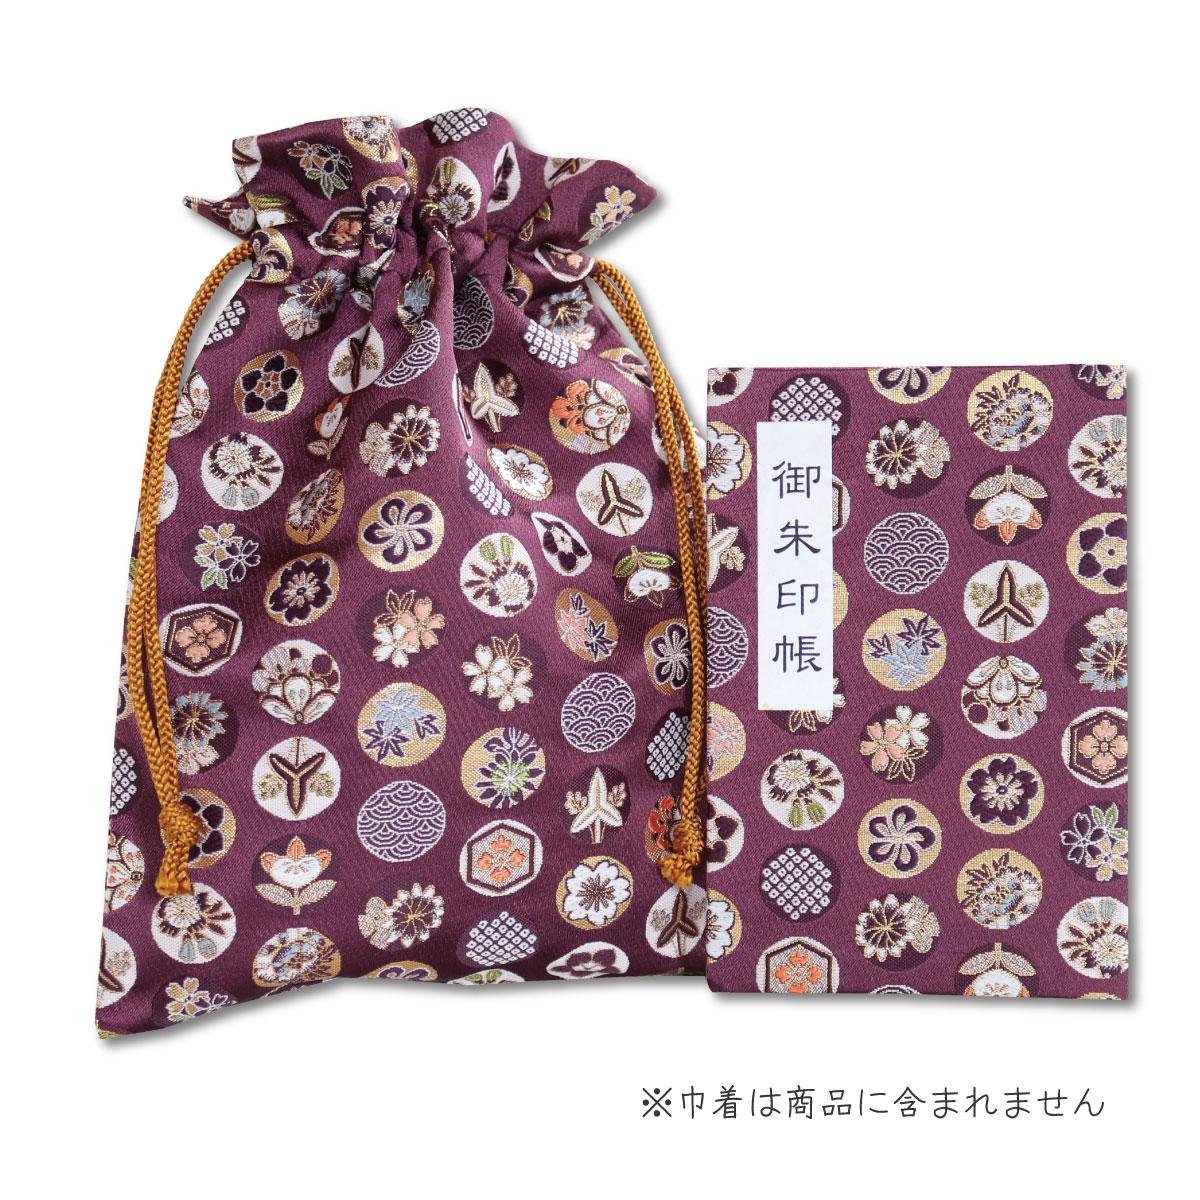 御朱印帳蛇腹式46ページ大判サイズ丸華紋 紫